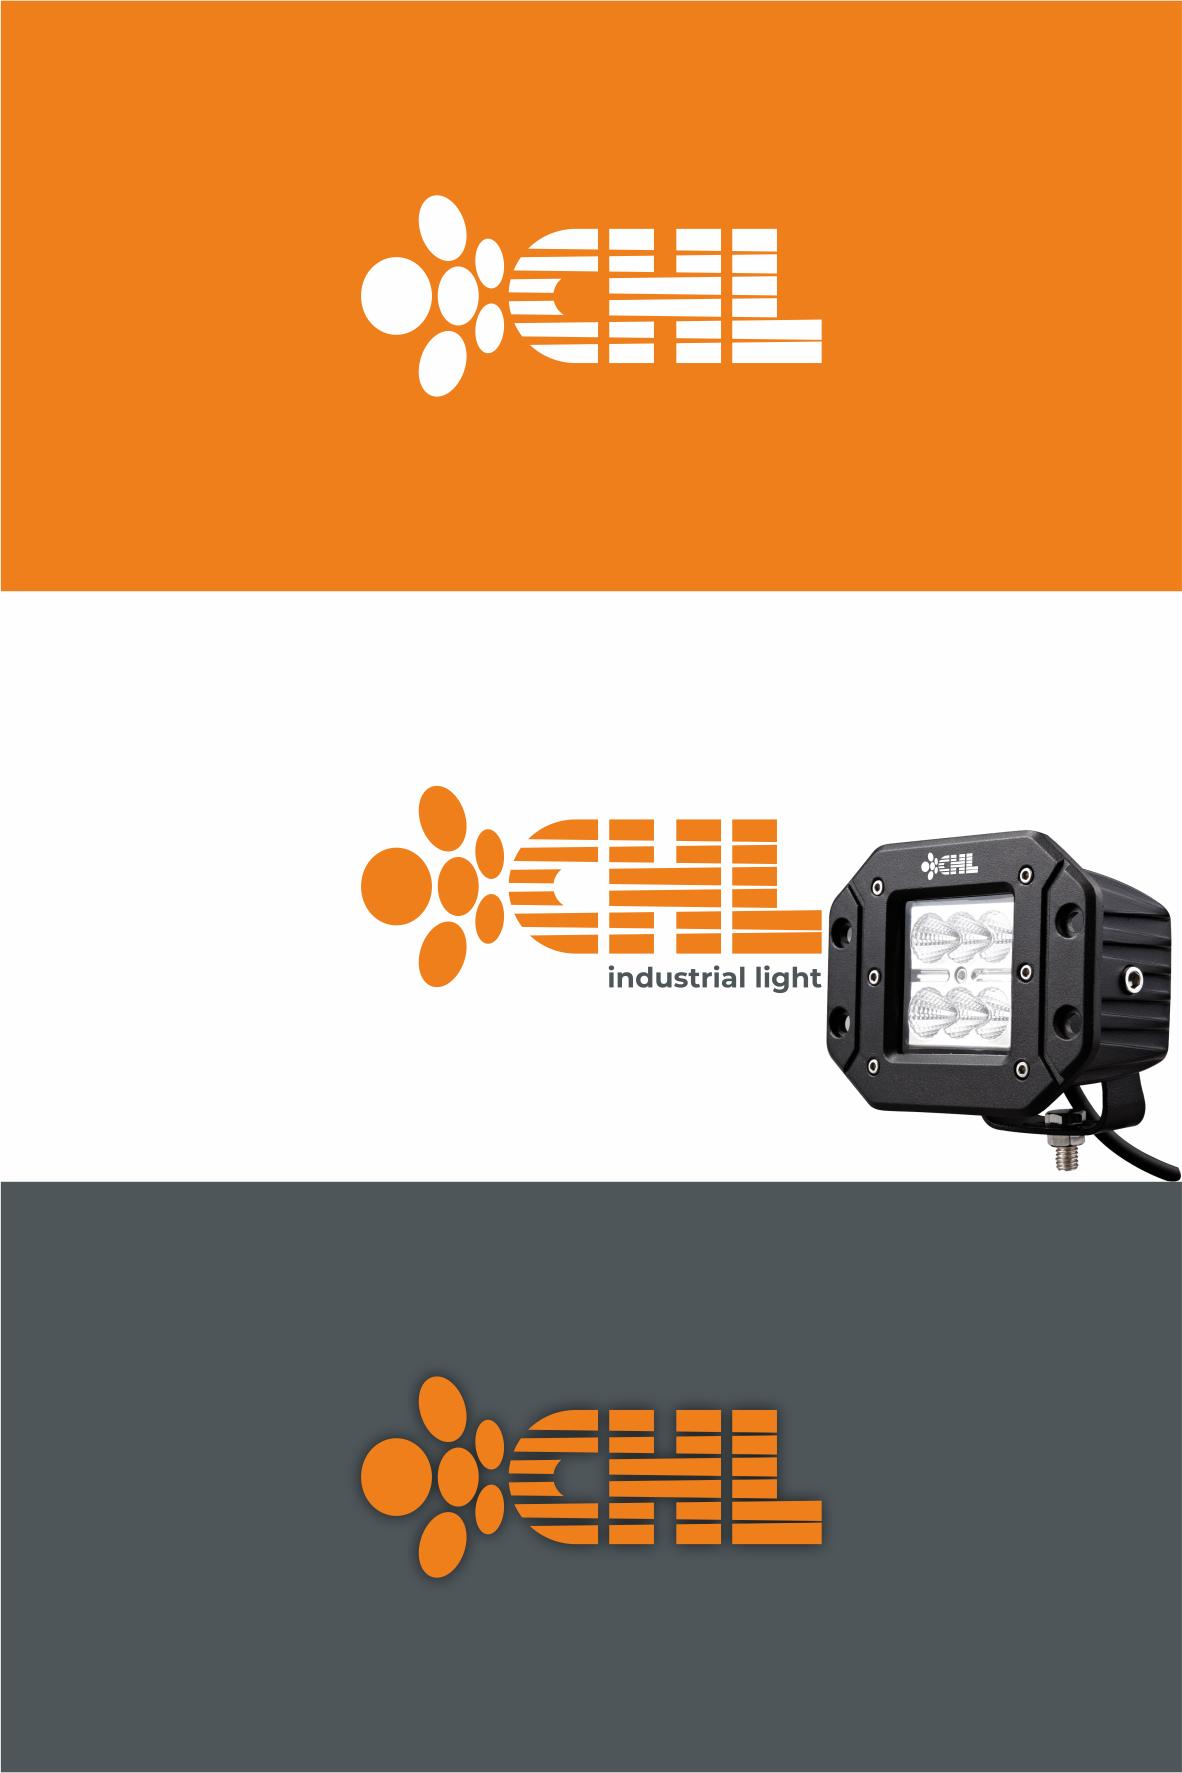 разработка логотипа для производителя фар фото f_5045f5f4d33e620a.png